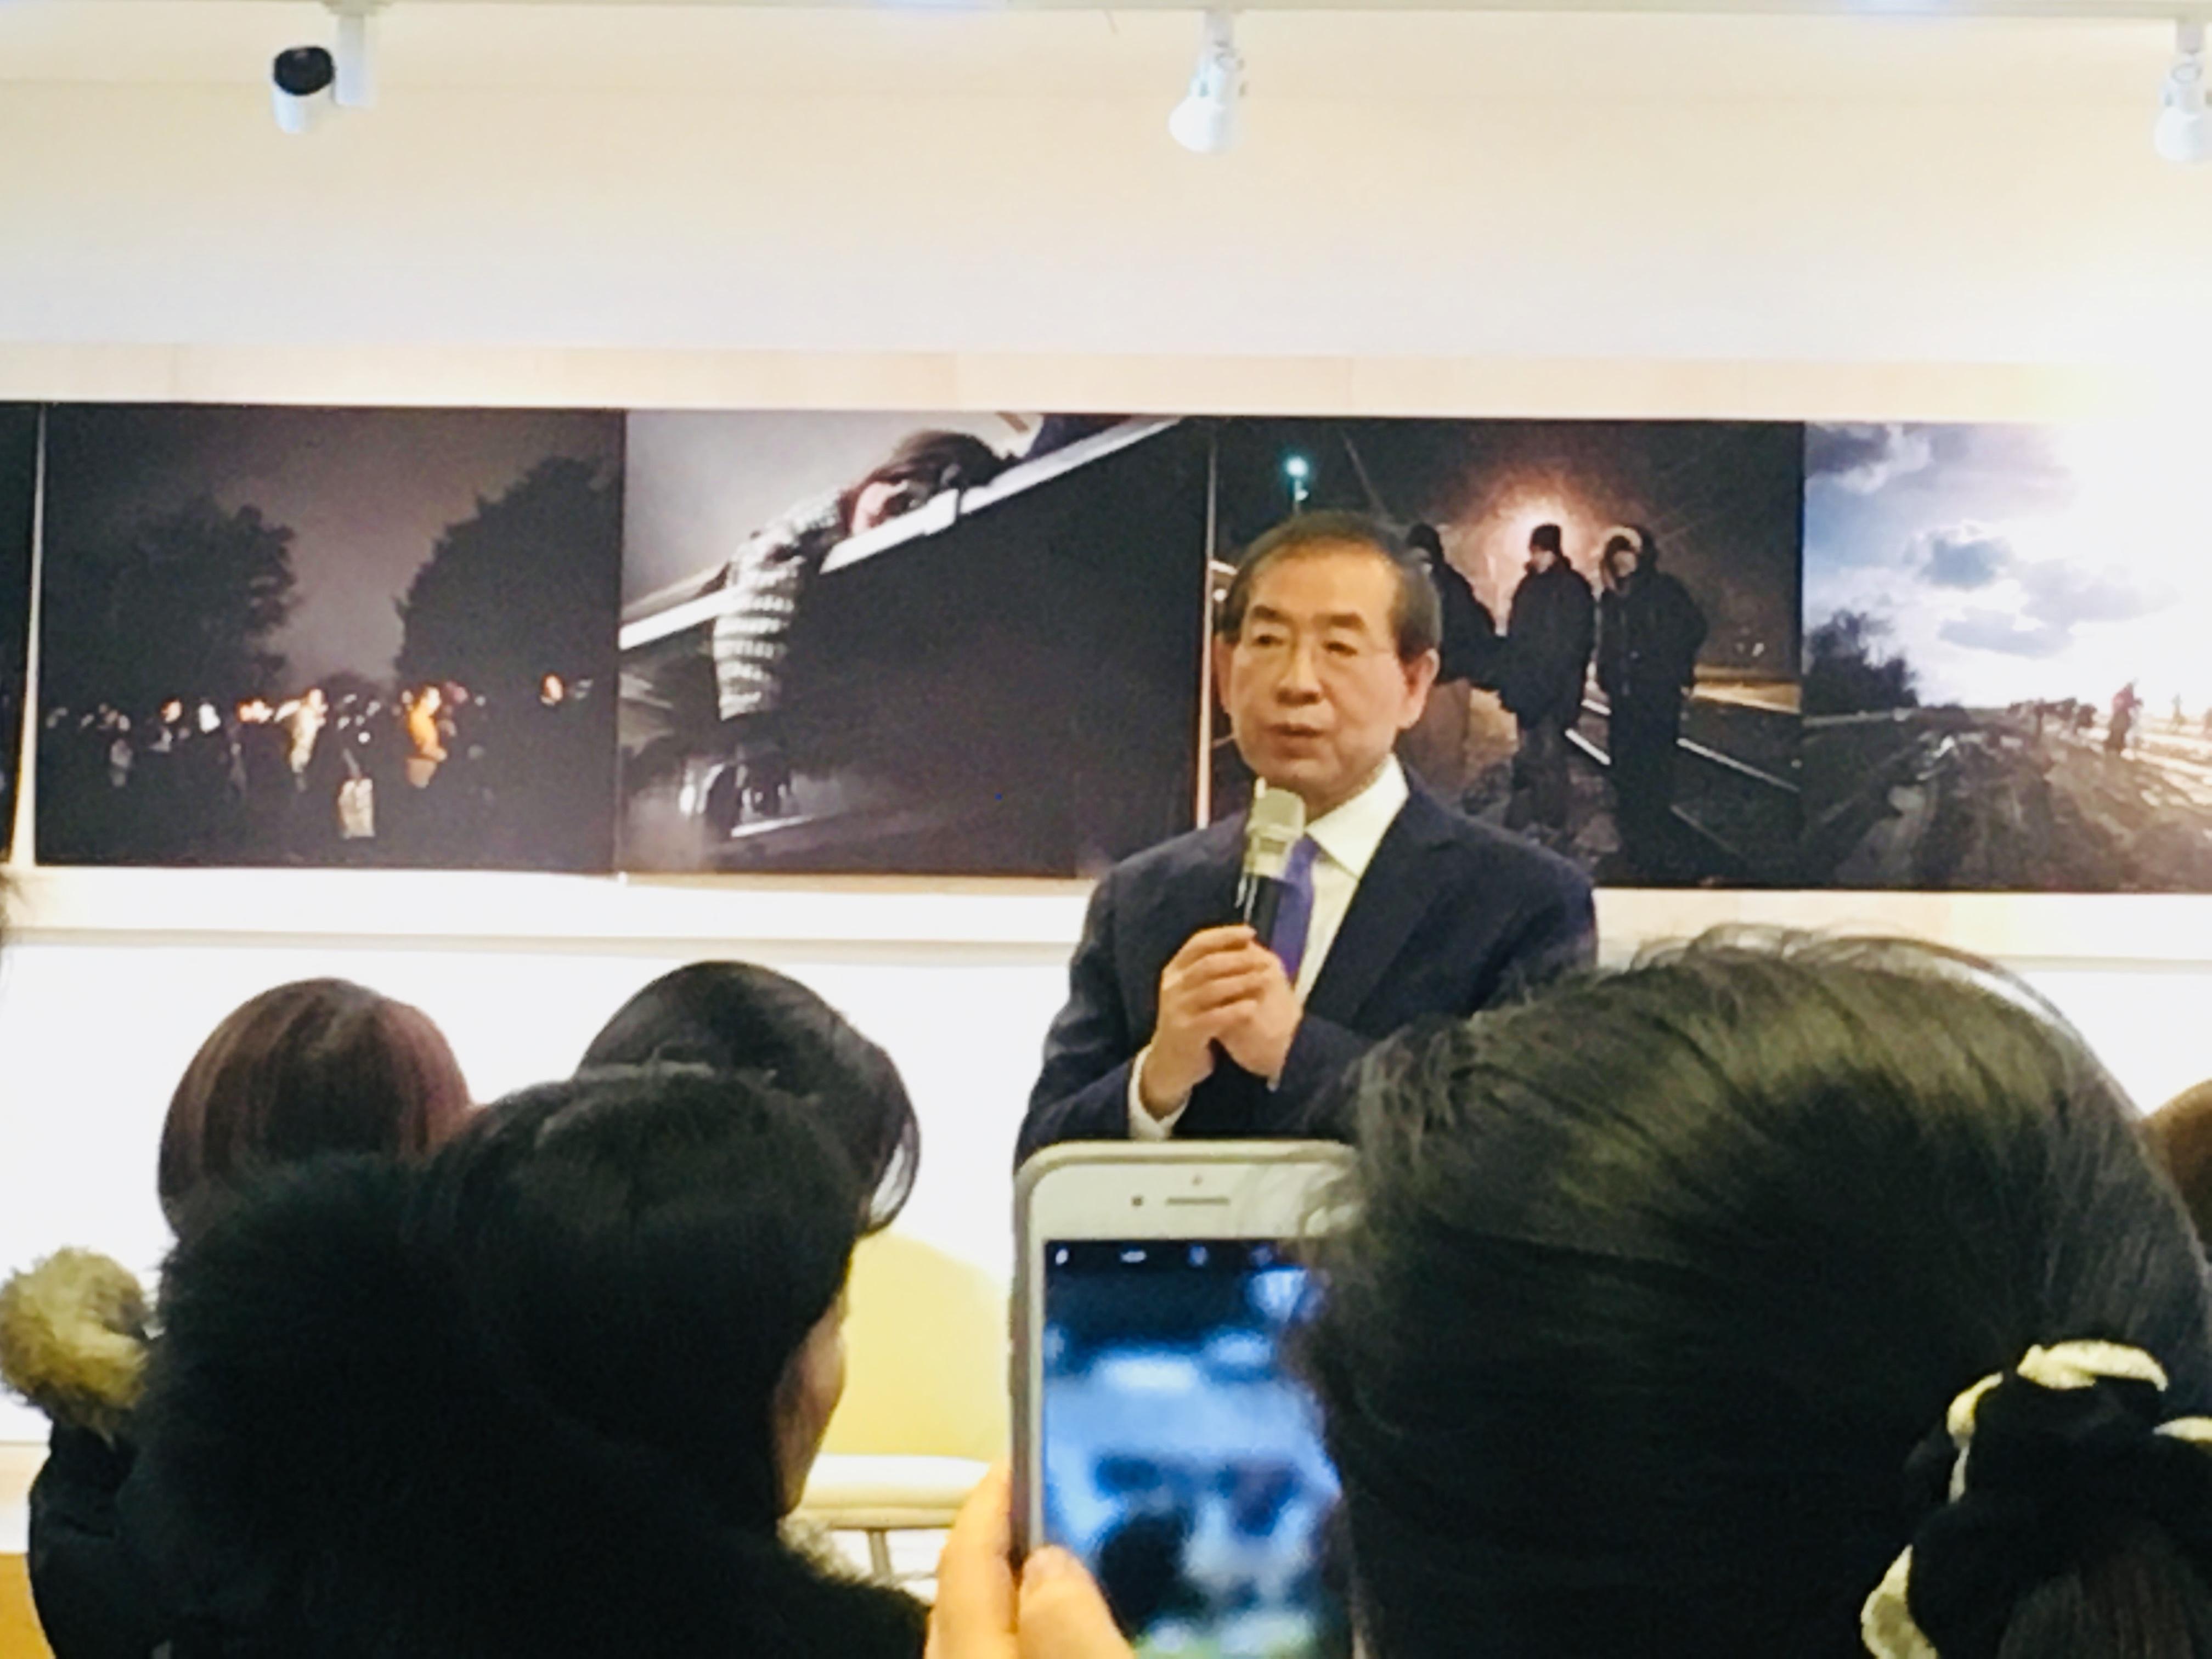 서울시 미세먼지 대책 타운홀 미팅